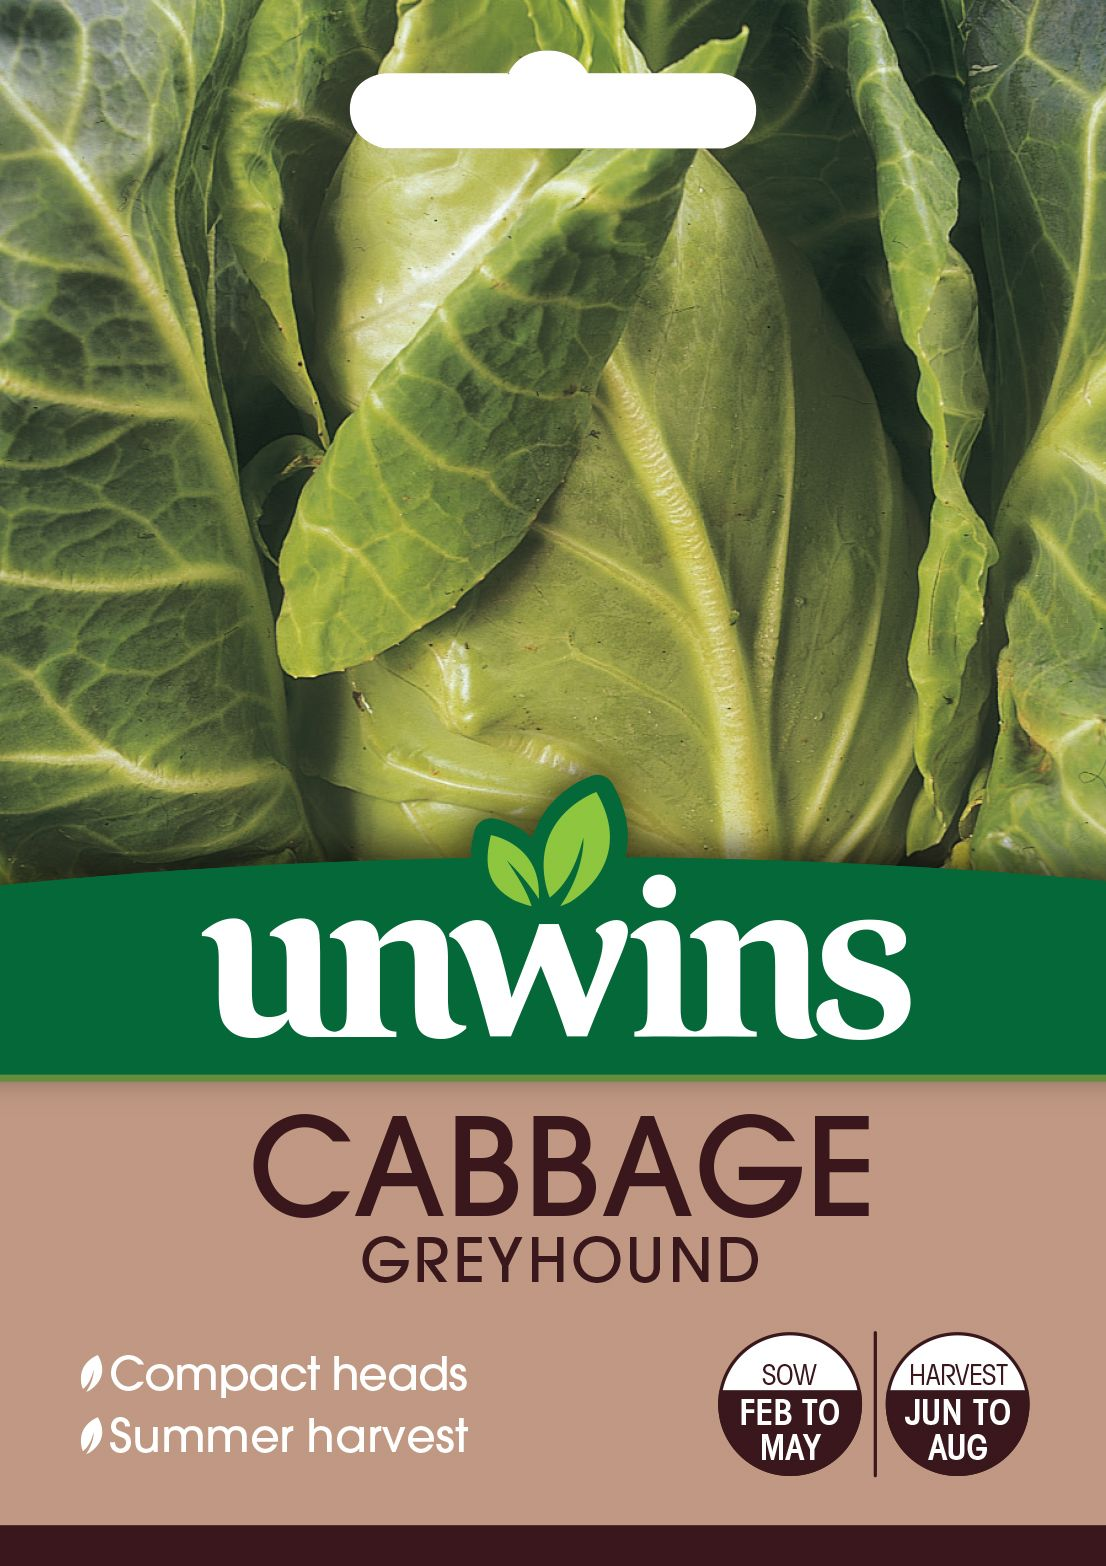 Cabbage (Pointed) Greyhound